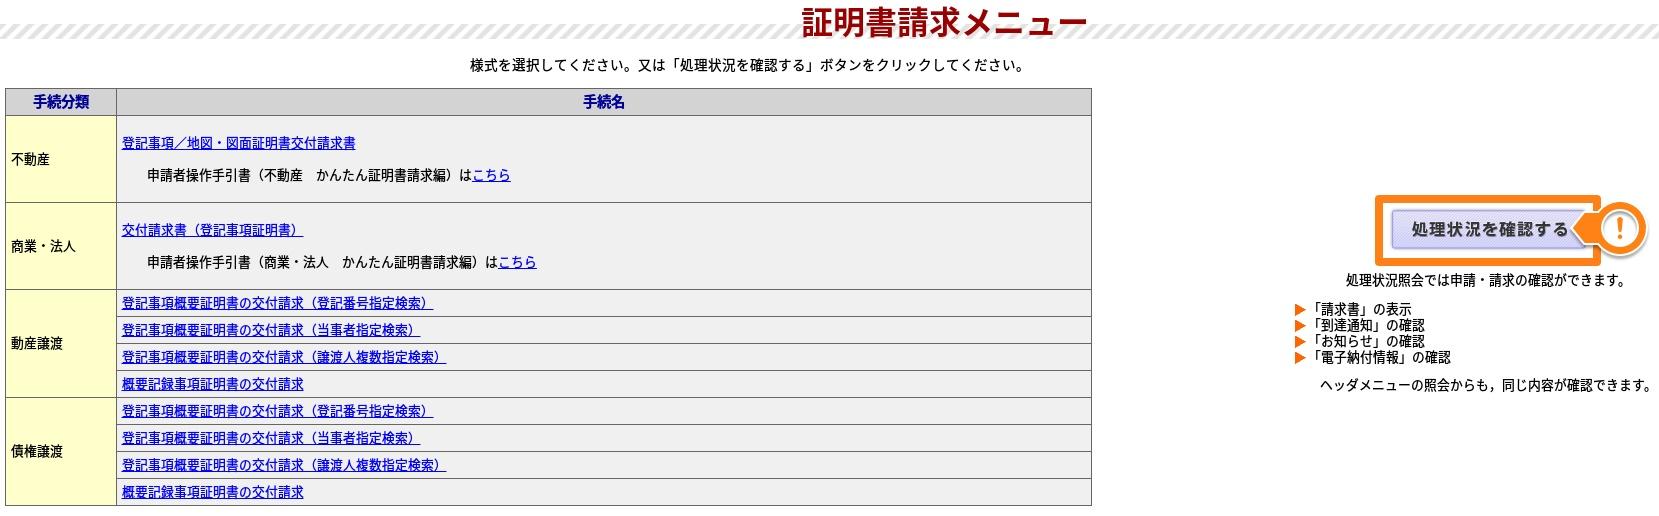 登記供託オンライン申請システム-22